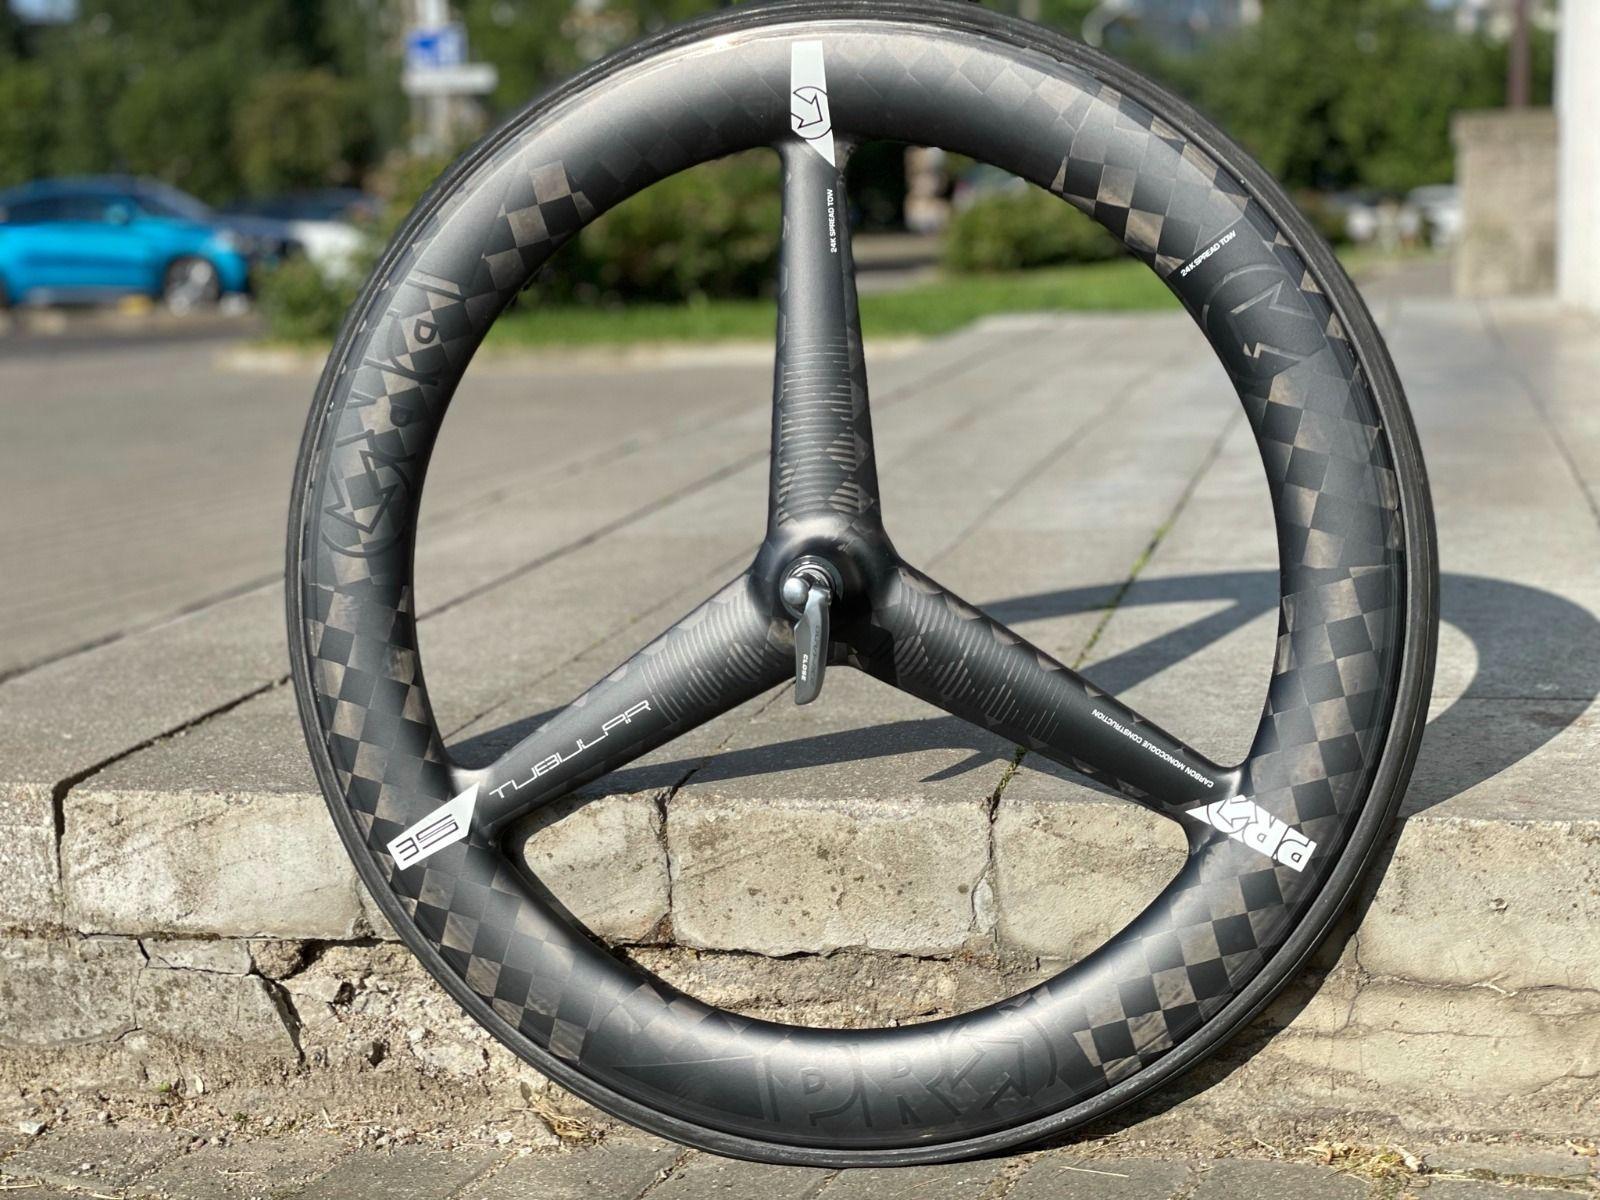 SHIMANO PRO TEXTREME CARBON 3-SPOKE TUBULAR - самое быстрое трехспицевое колесо в мире!